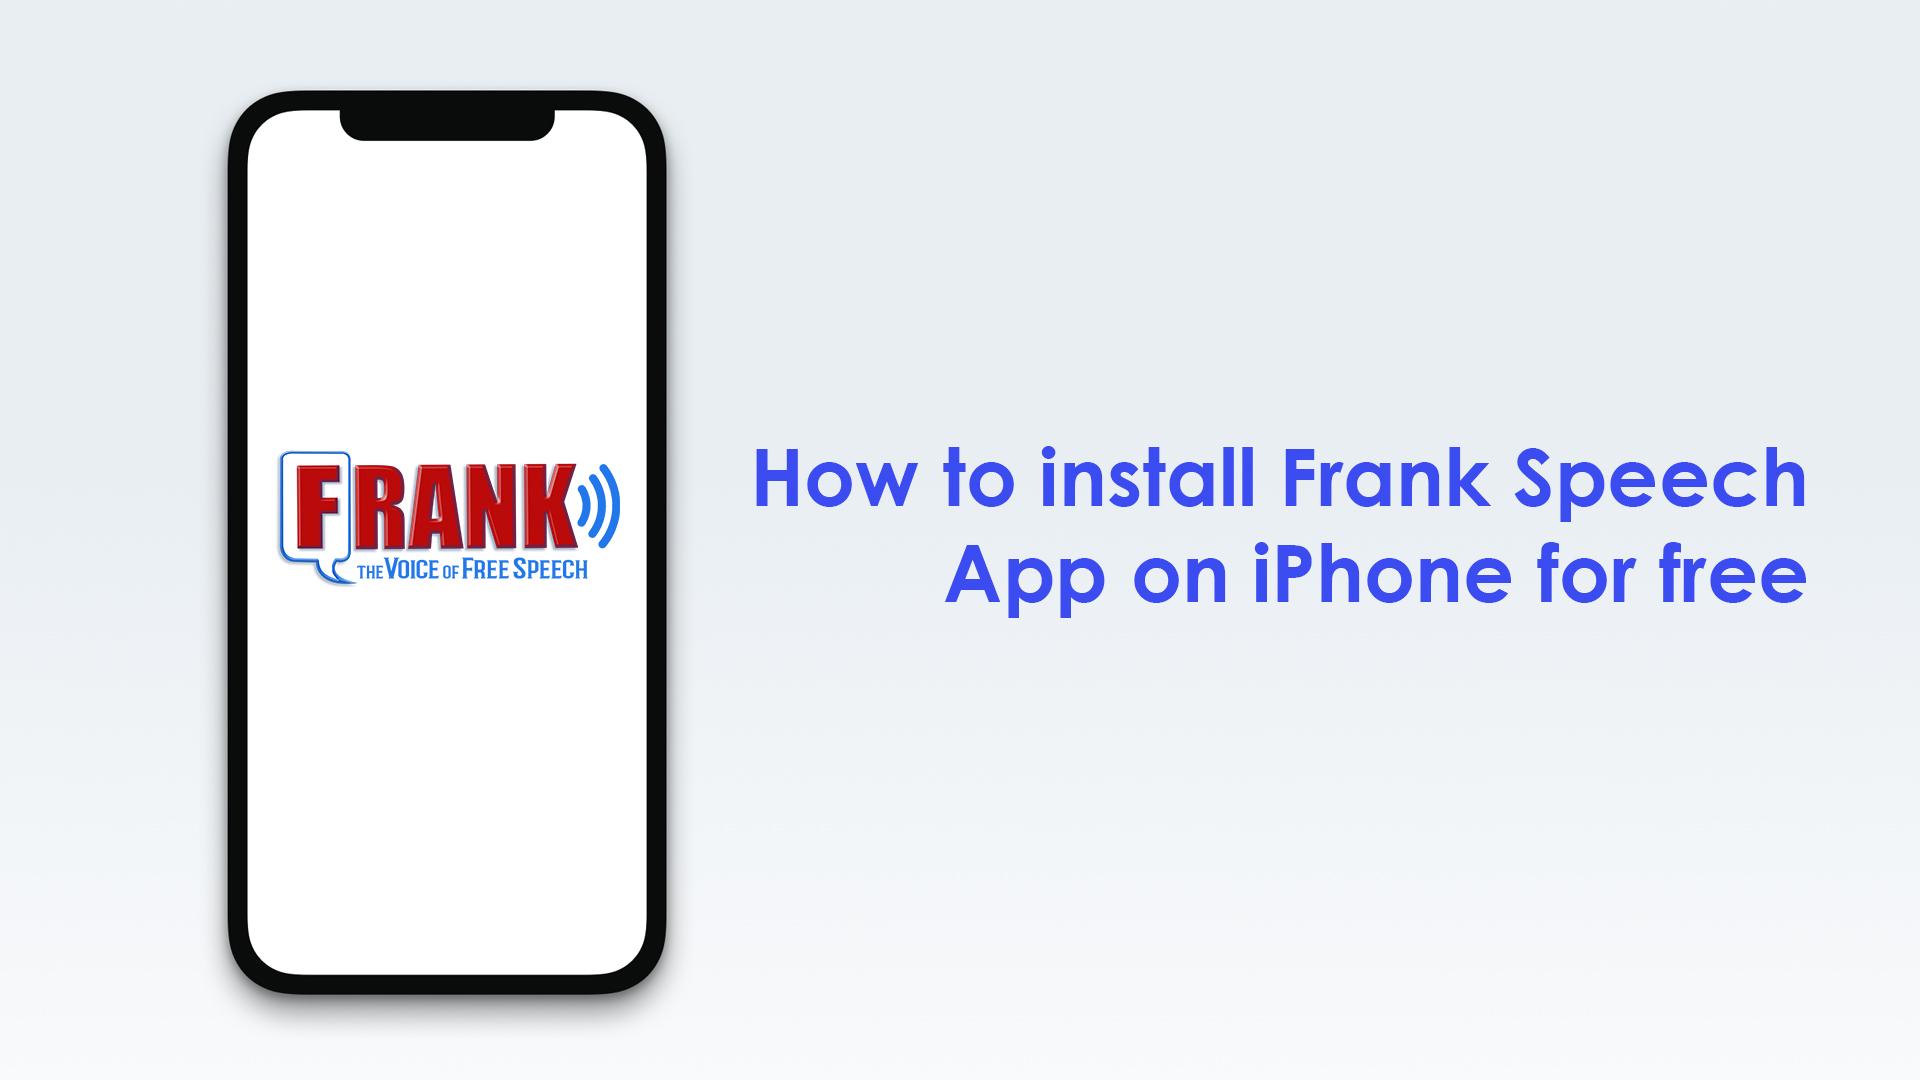 Frank speech app on iPhone